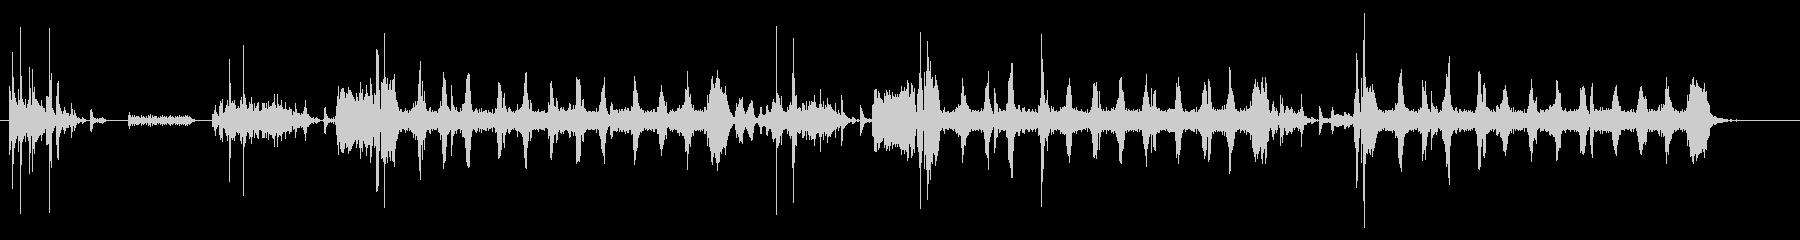 プリンター02-02(印刷 複数)の未再生の波形